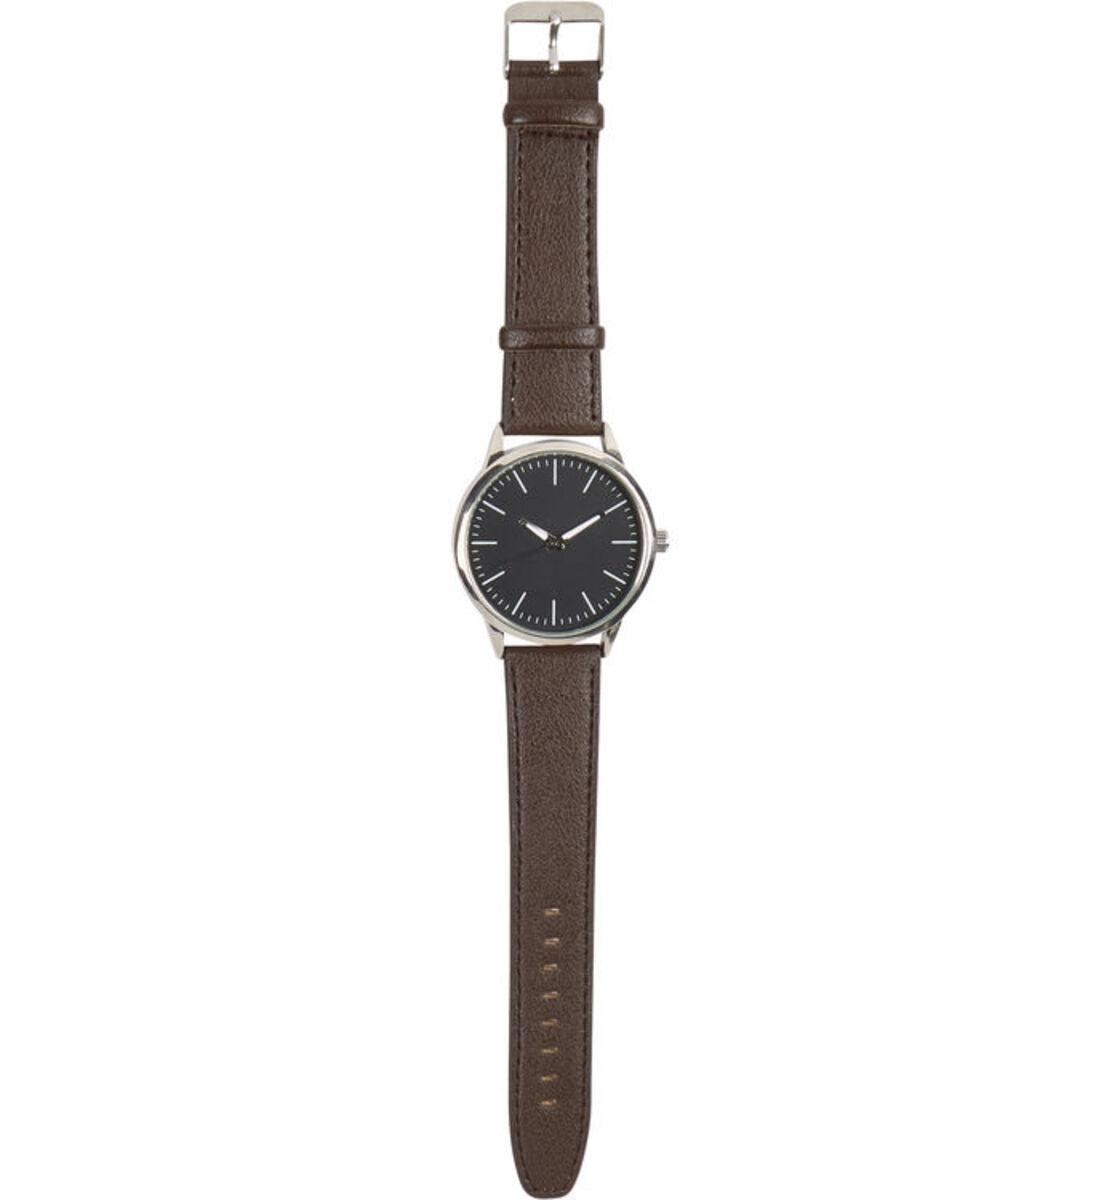 Bild 2 von Armbanduhr